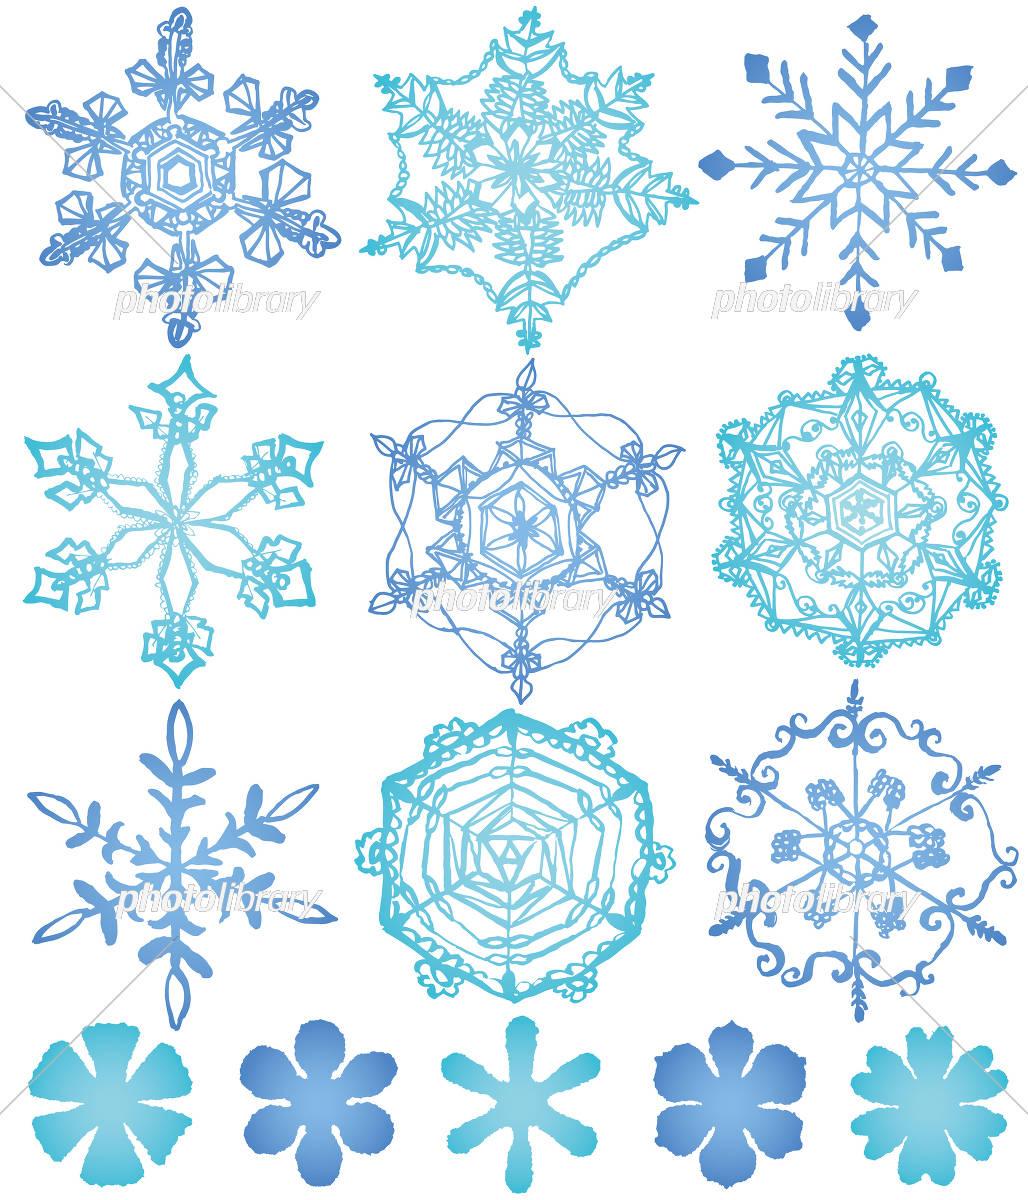 雪の結晶 手描き イラスト素材 3309173 フォトライブラリー